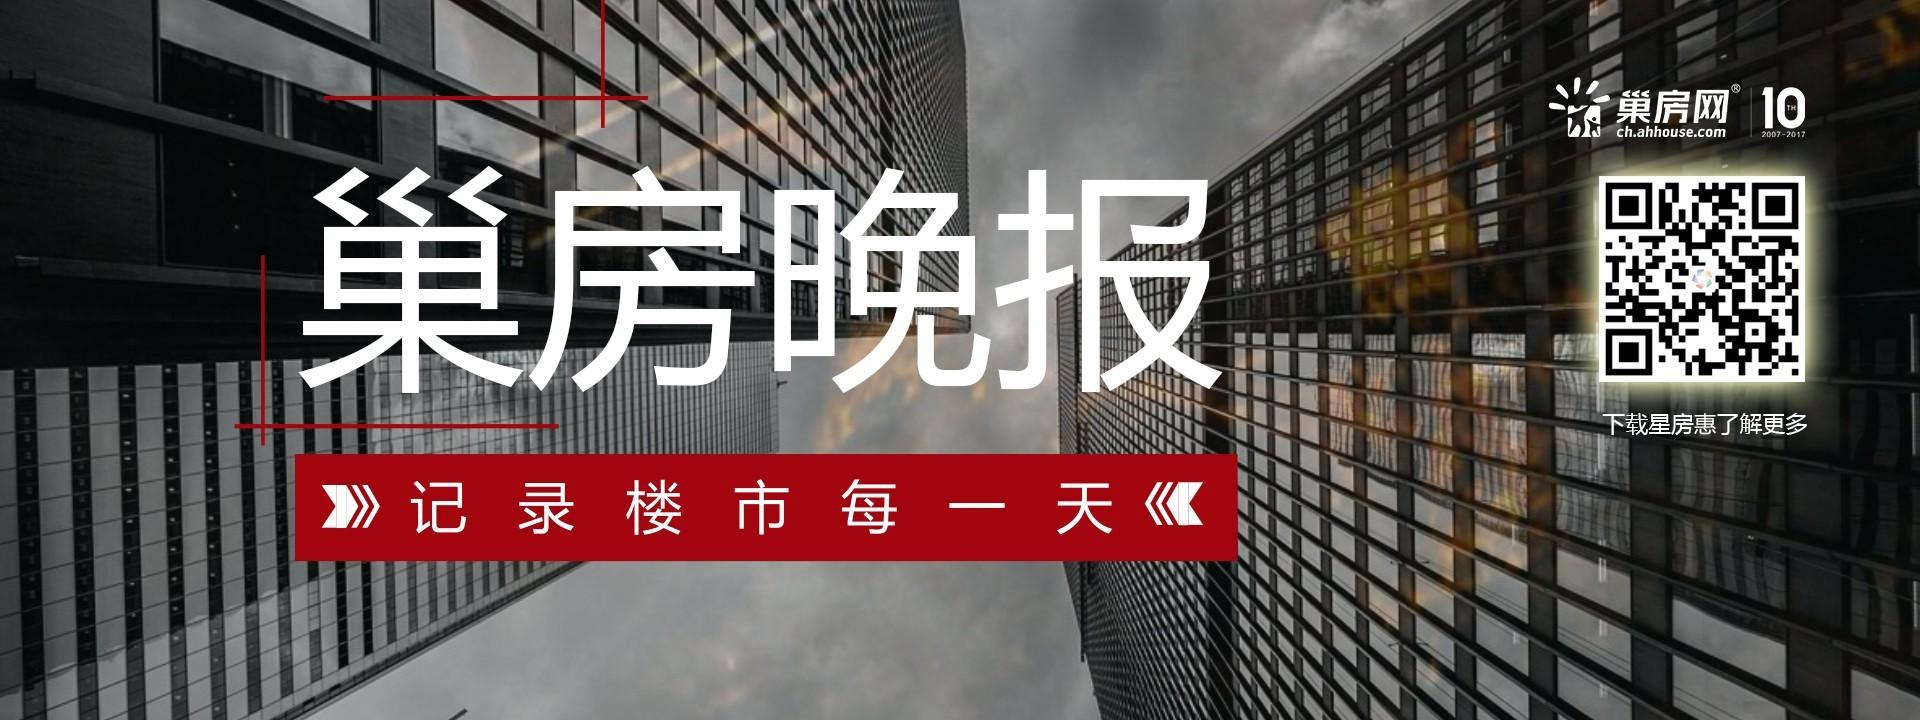 8月23日巢房网新闻晚报:有城市首套房贷款利率上调30%